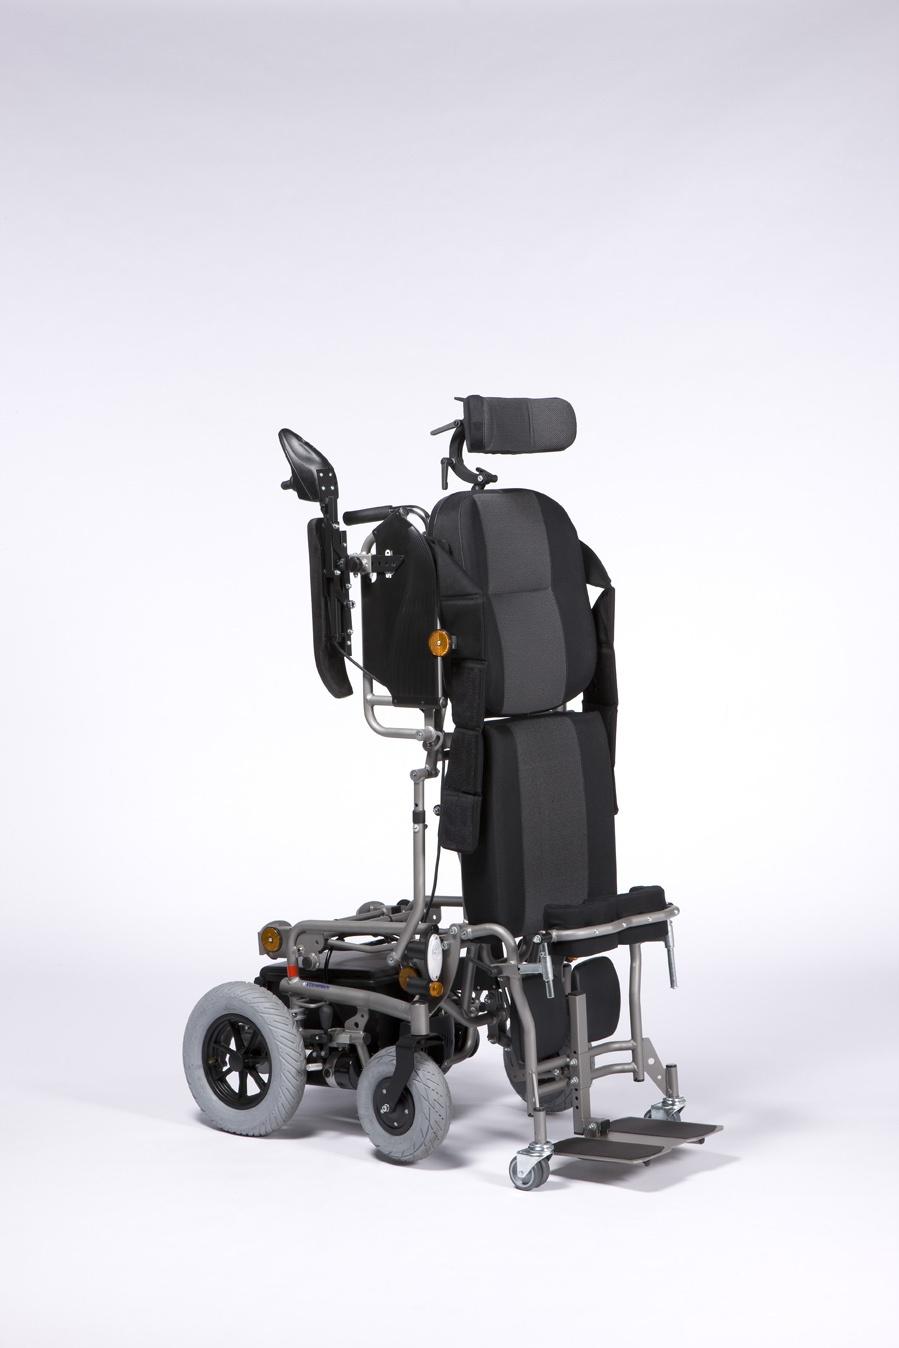 SQUOD SU wózek elektryczny dla inwalidów